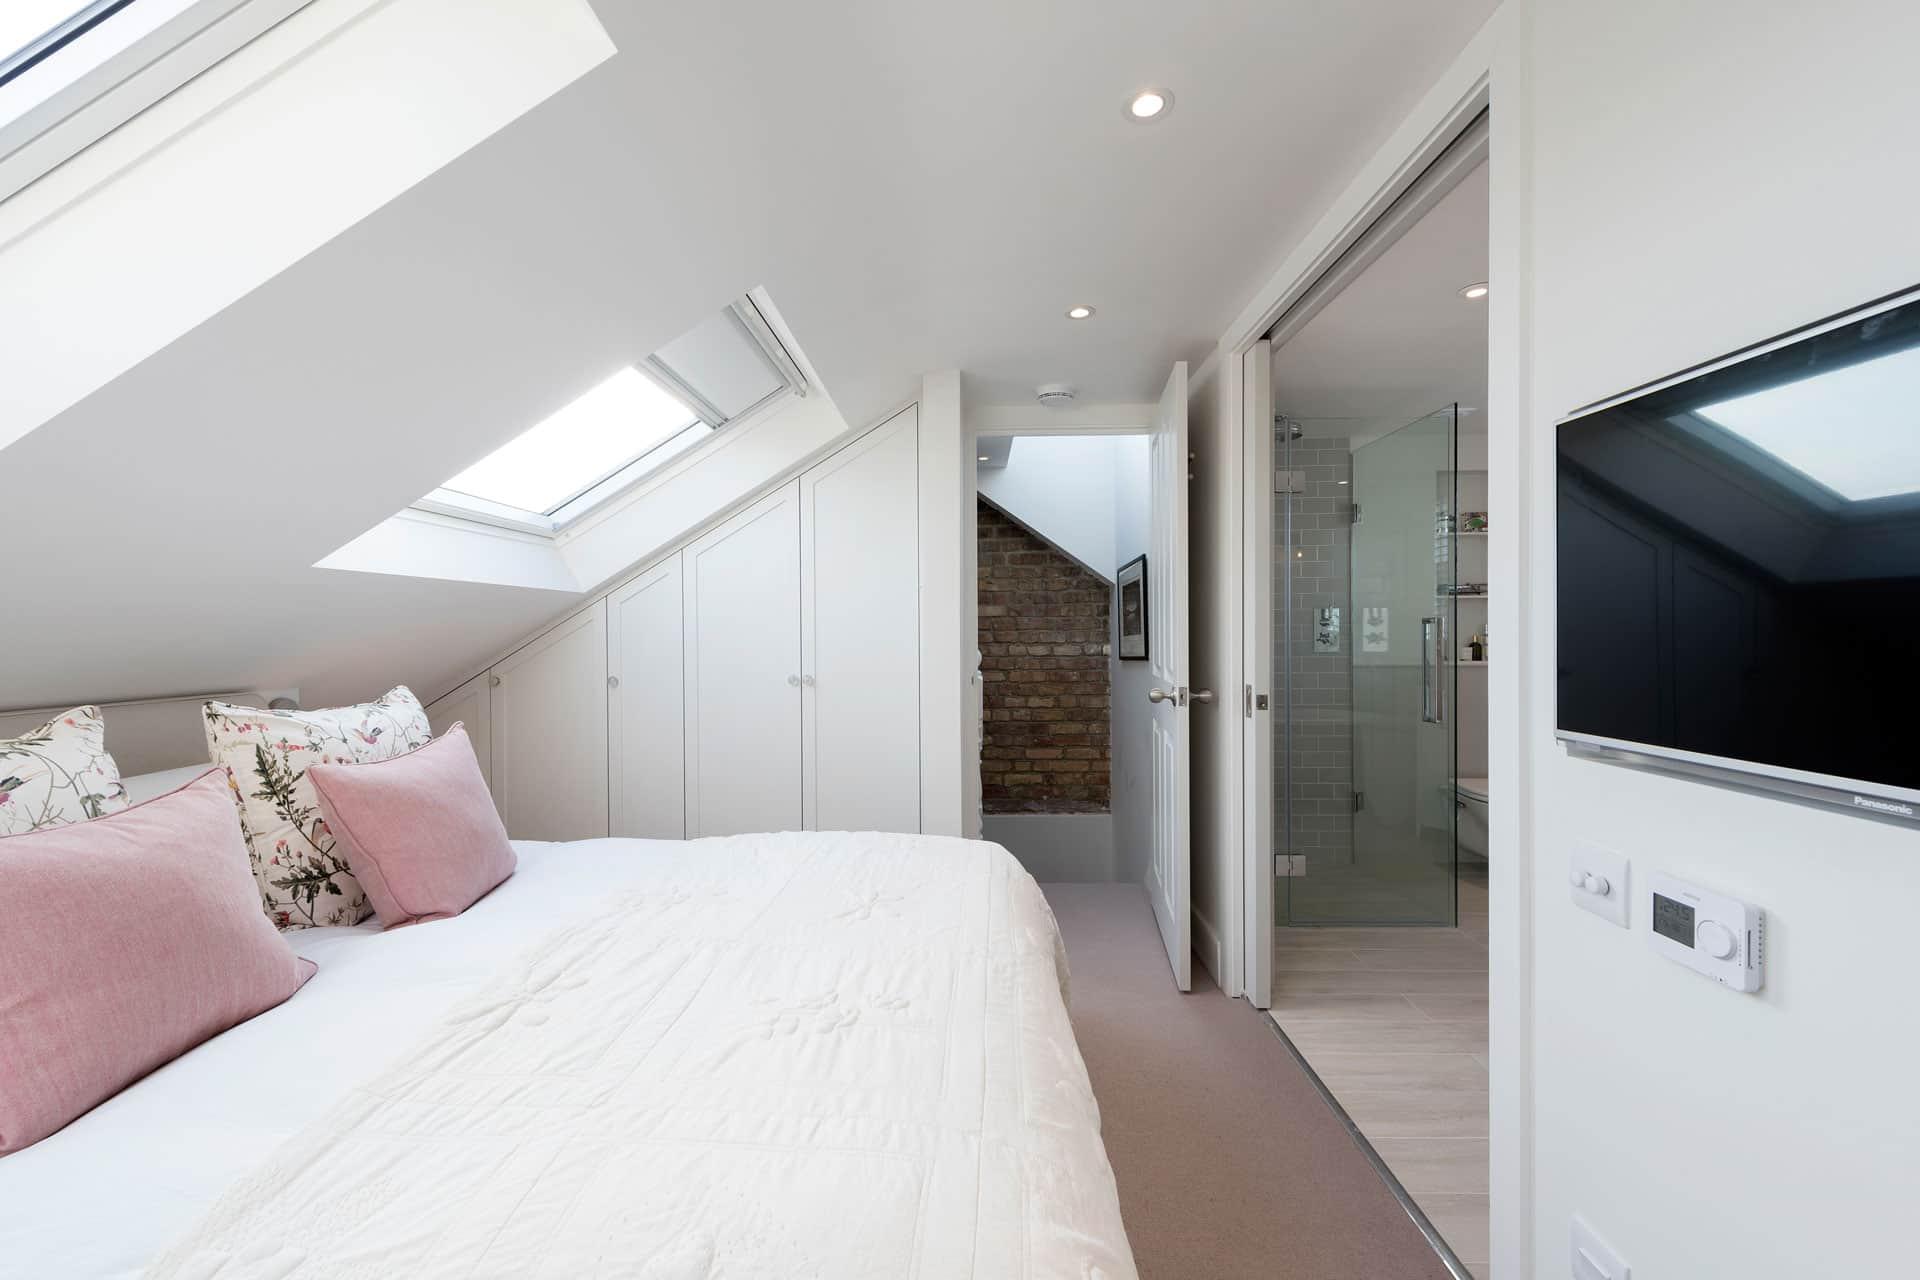 Loft Conversion décor ideas - Simply Loft